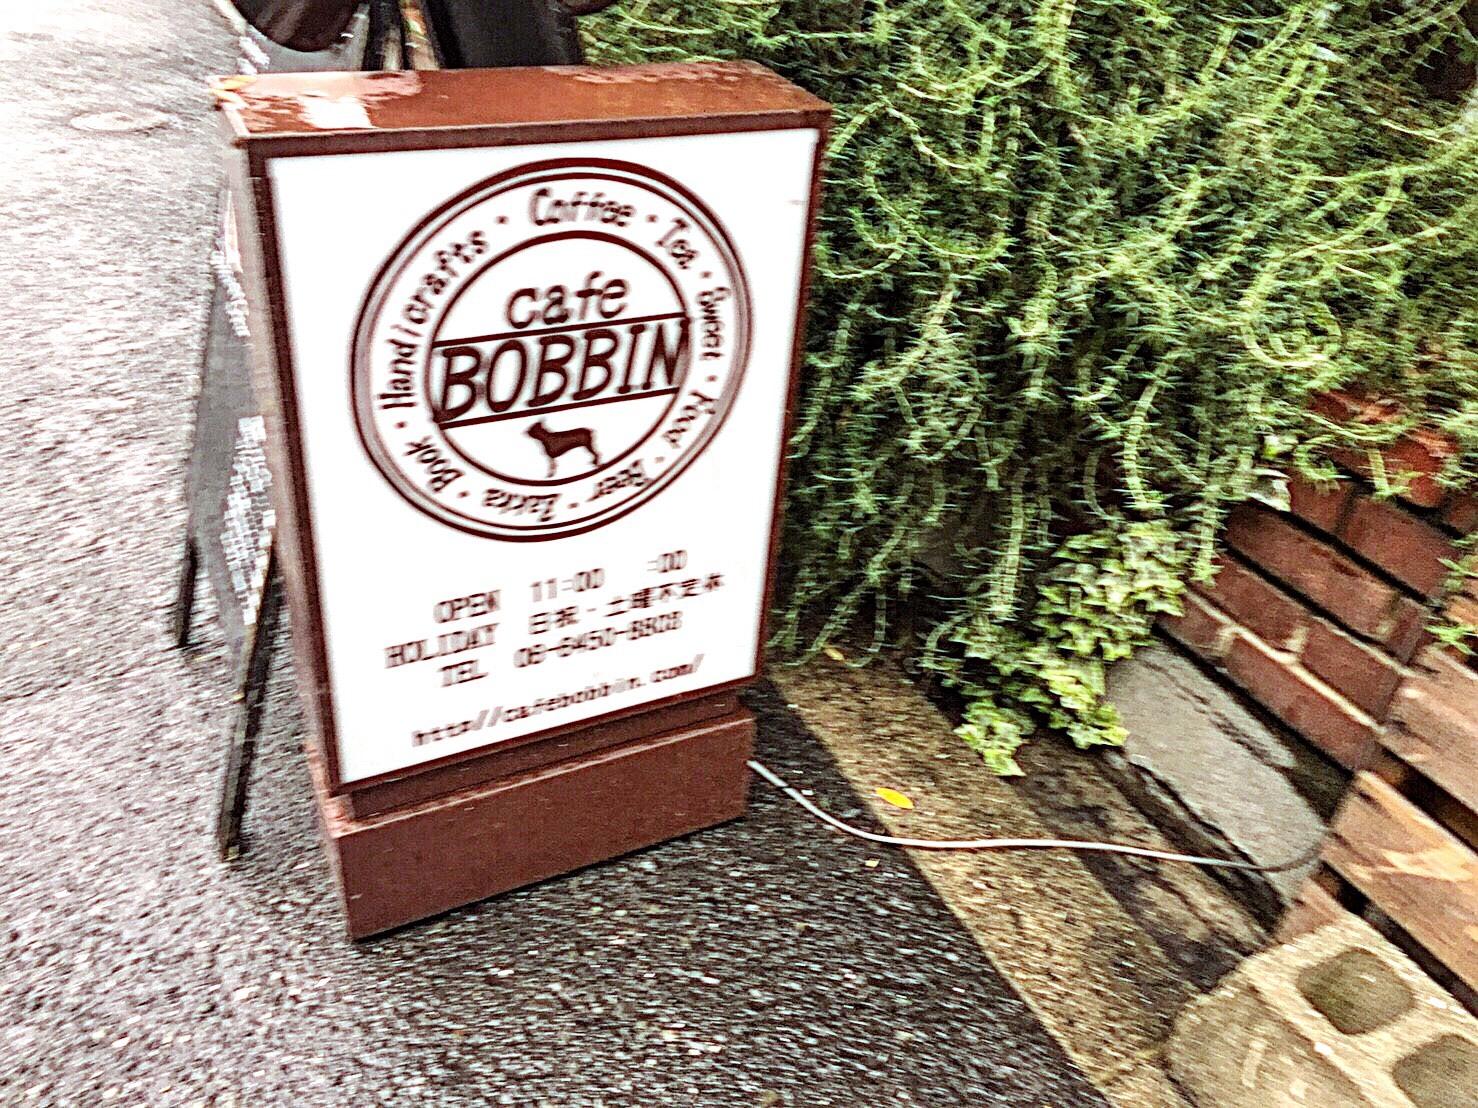 cafe BOBBIN 看板